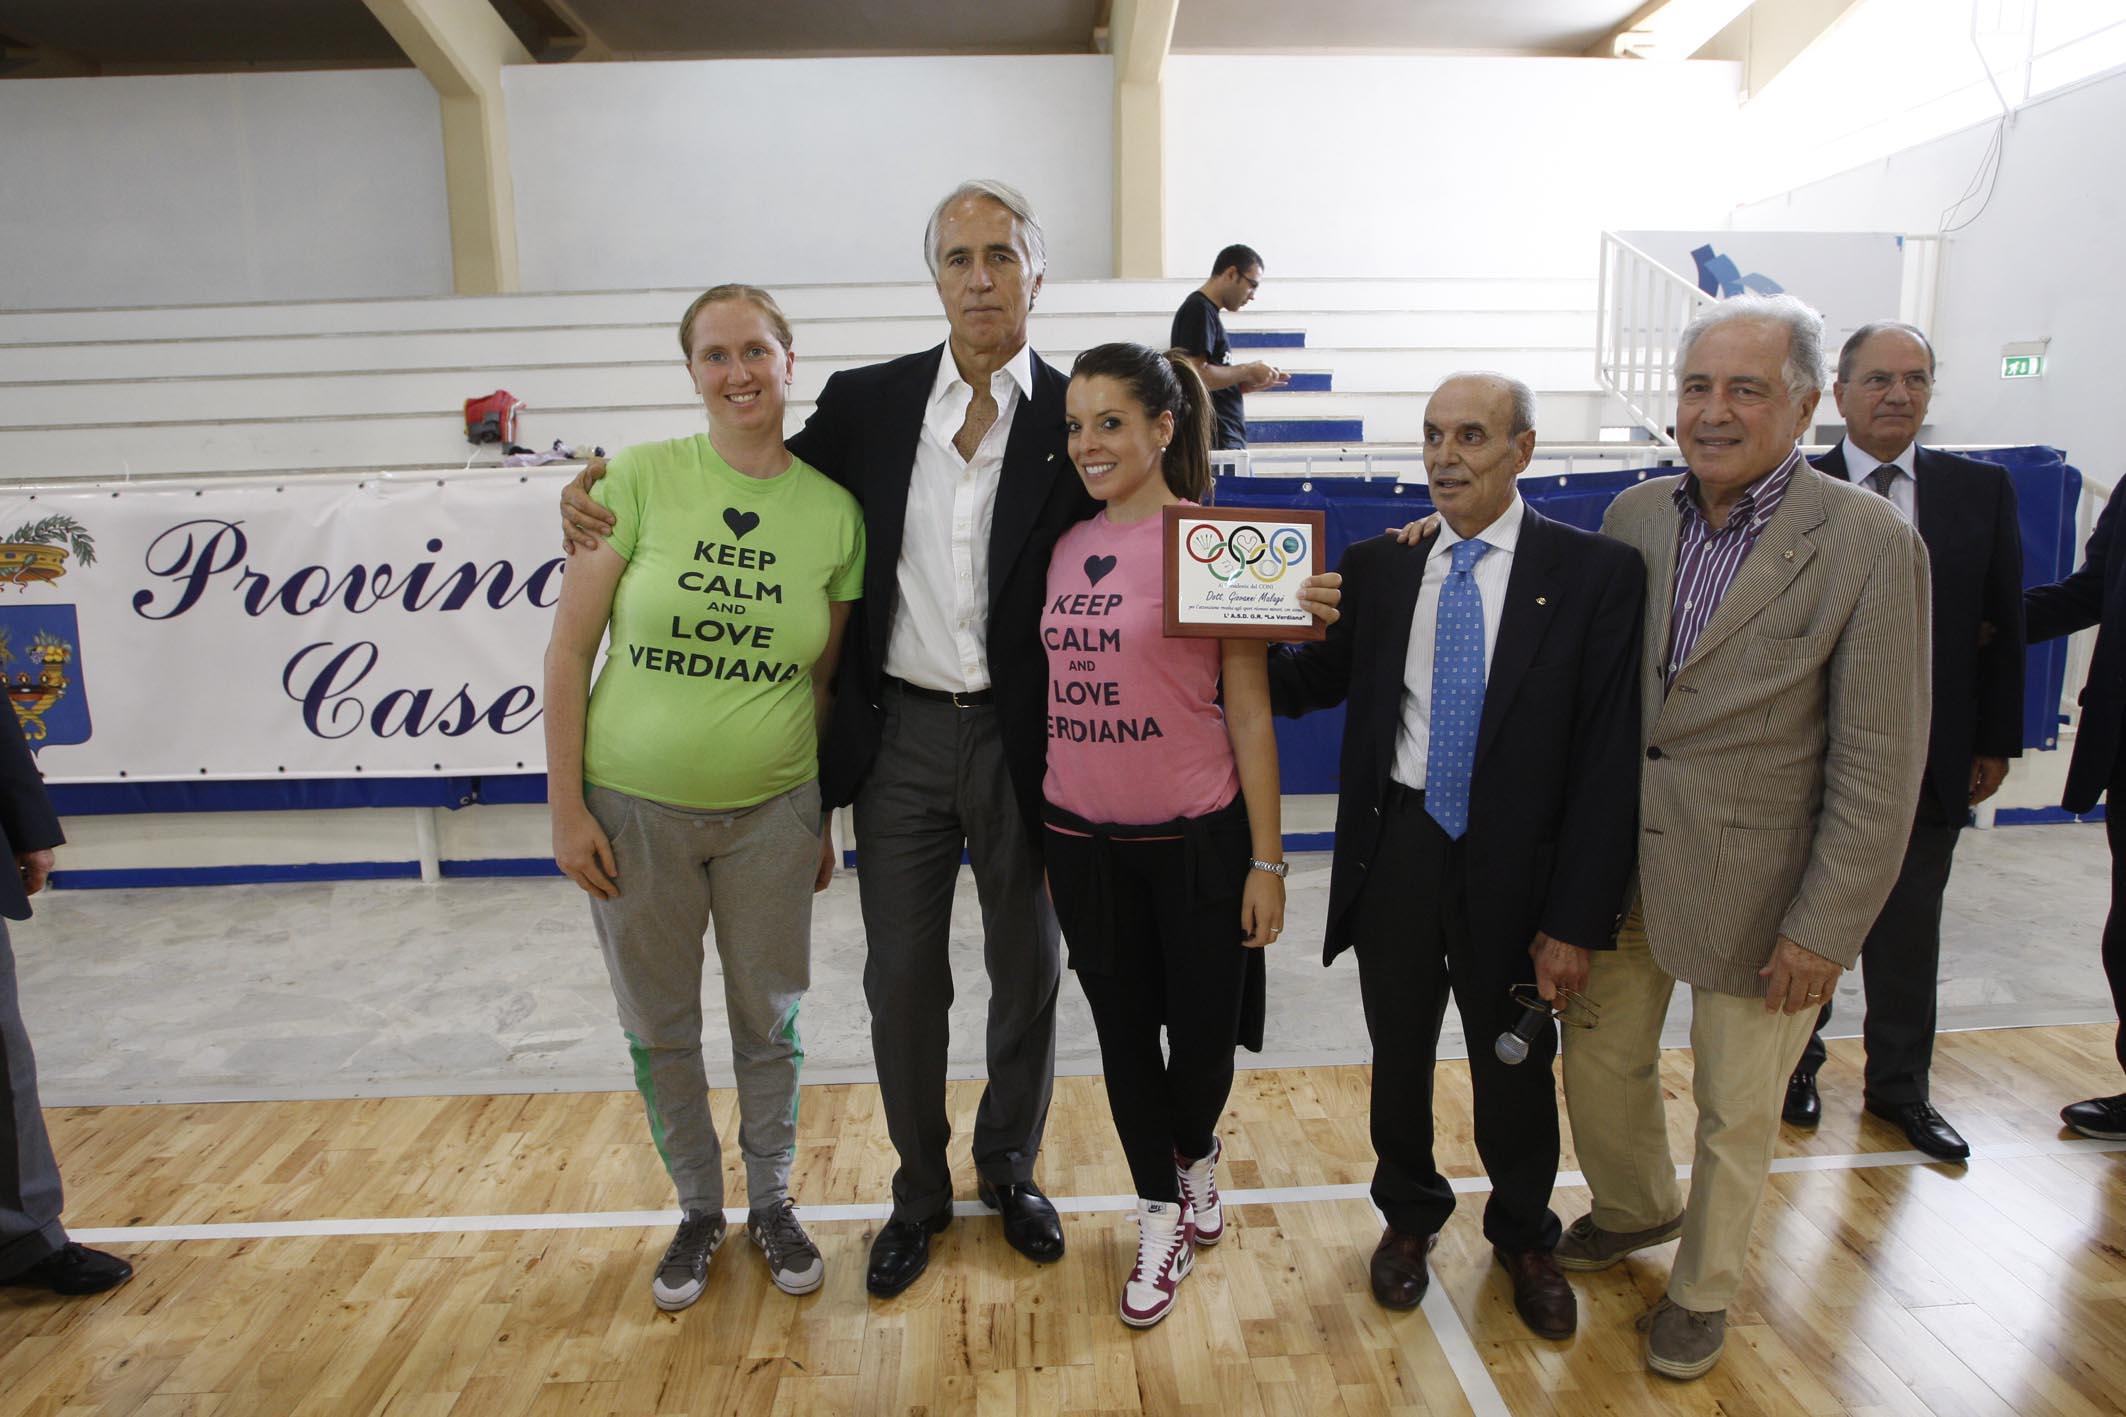 Trofeo_Coni_Giorno2_21